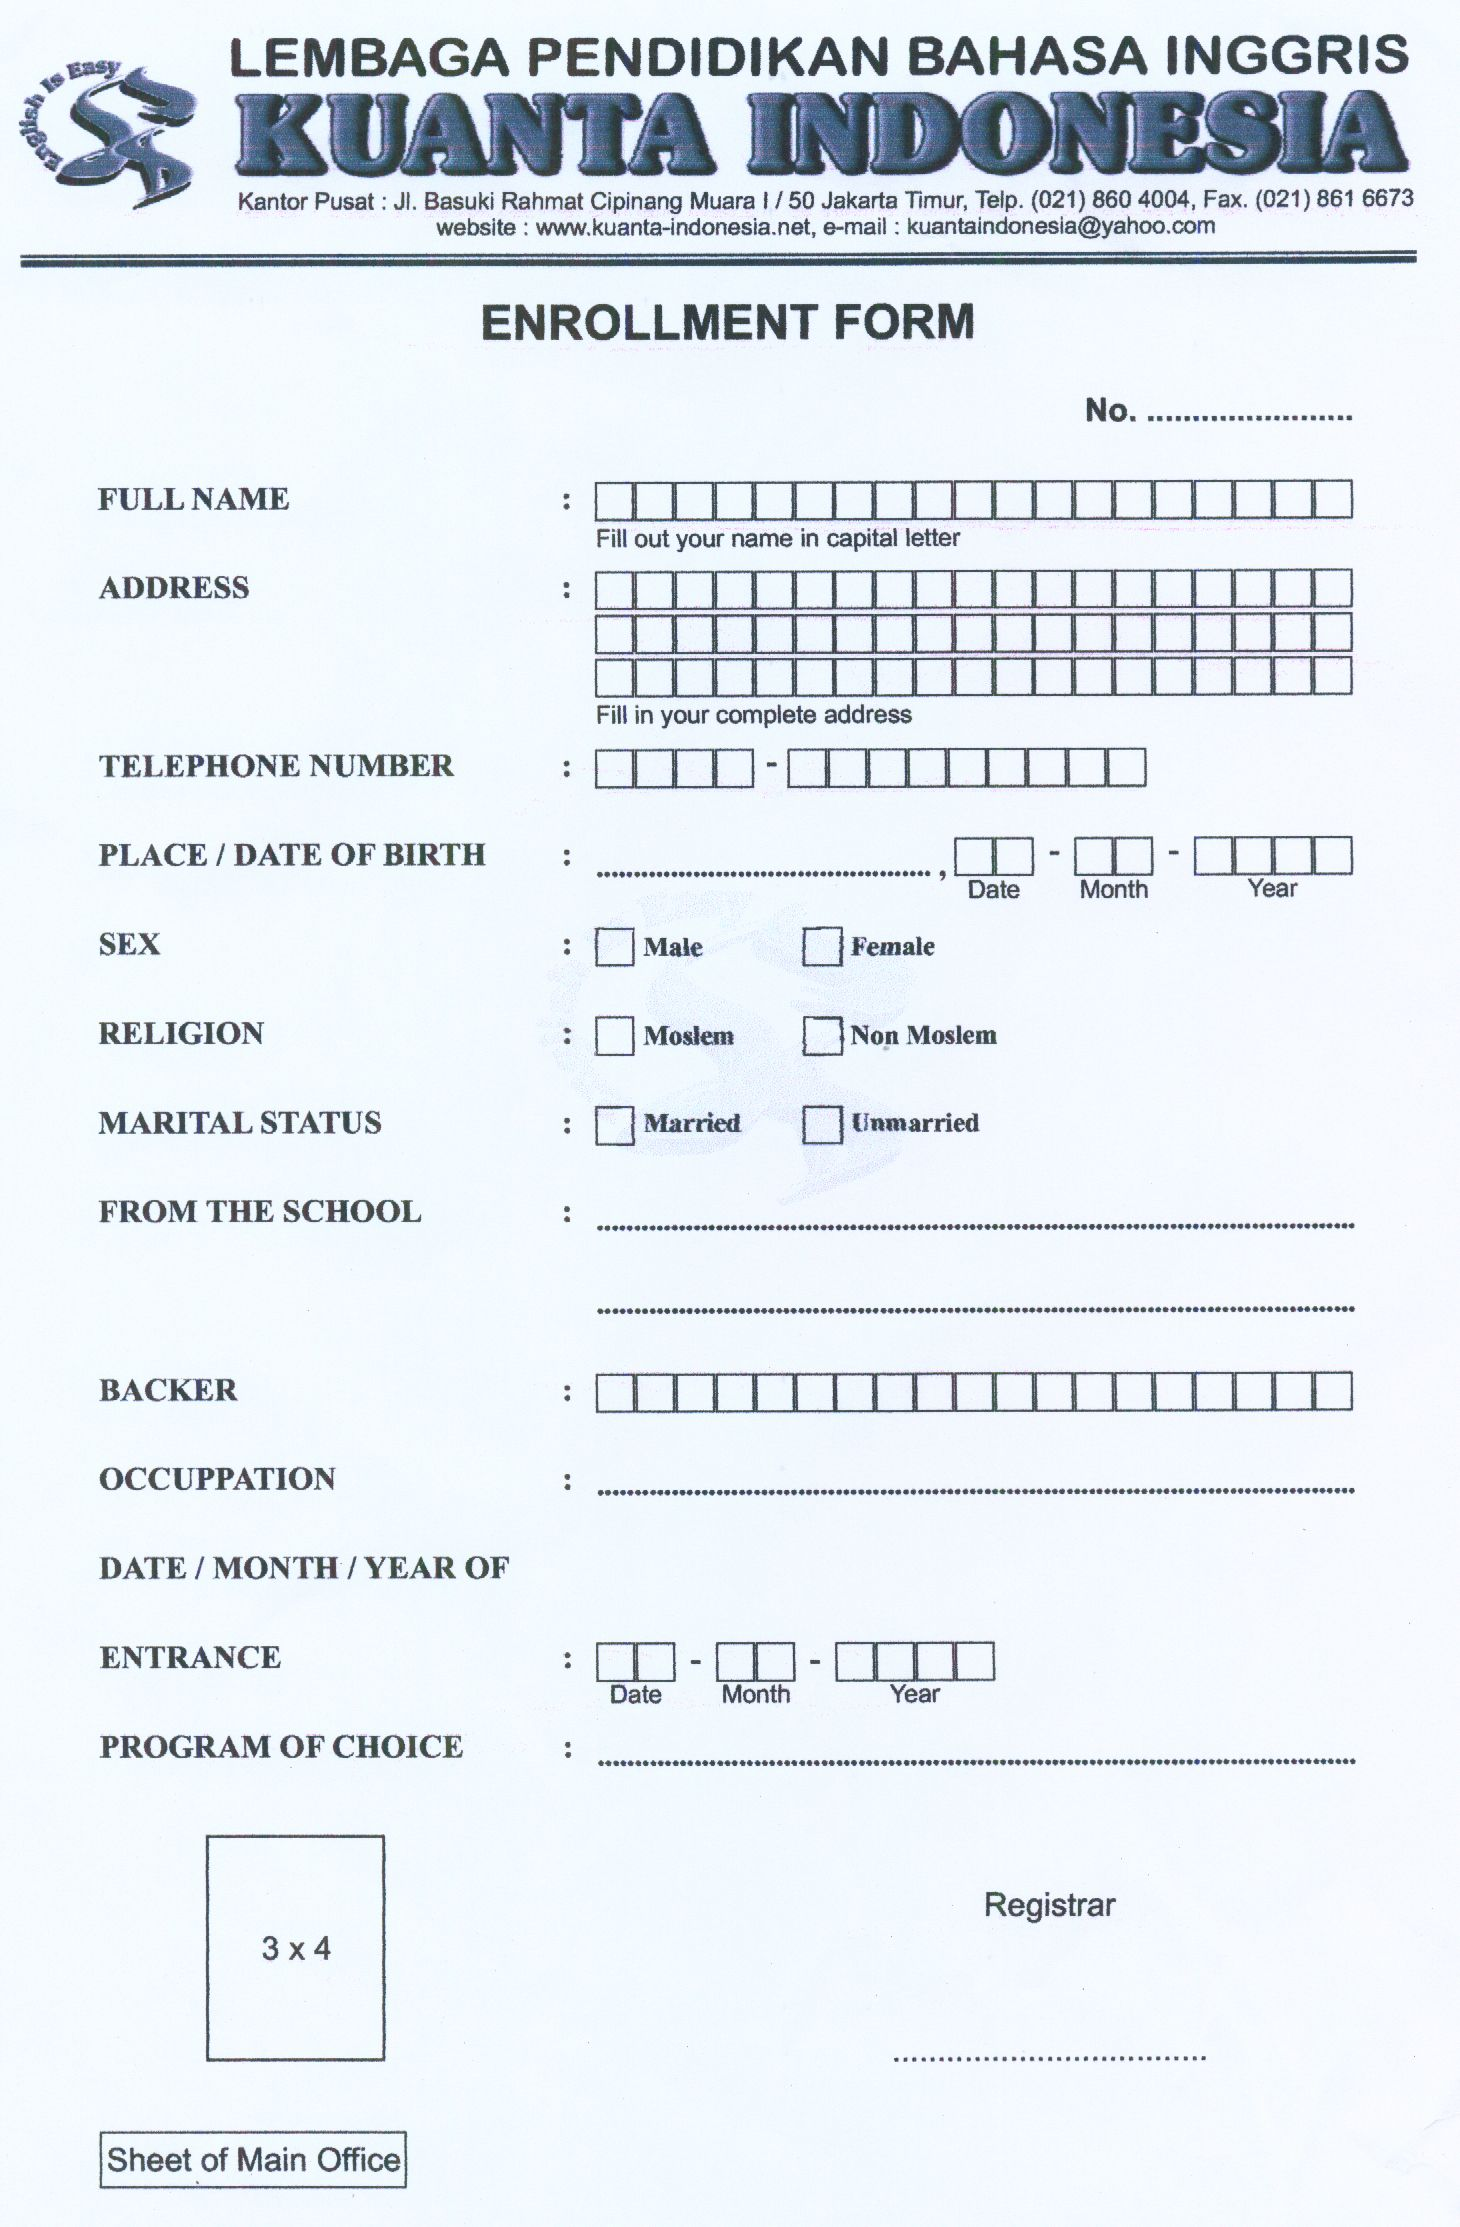 Formulir Dalam Bahasa Inggris : formulir, dalam, bahasa, inggris, FORMULIR, PENDAFTARAN, Kuantaindonesia's, Pendidikan,, Bahasa,, Bahasa, Inggris